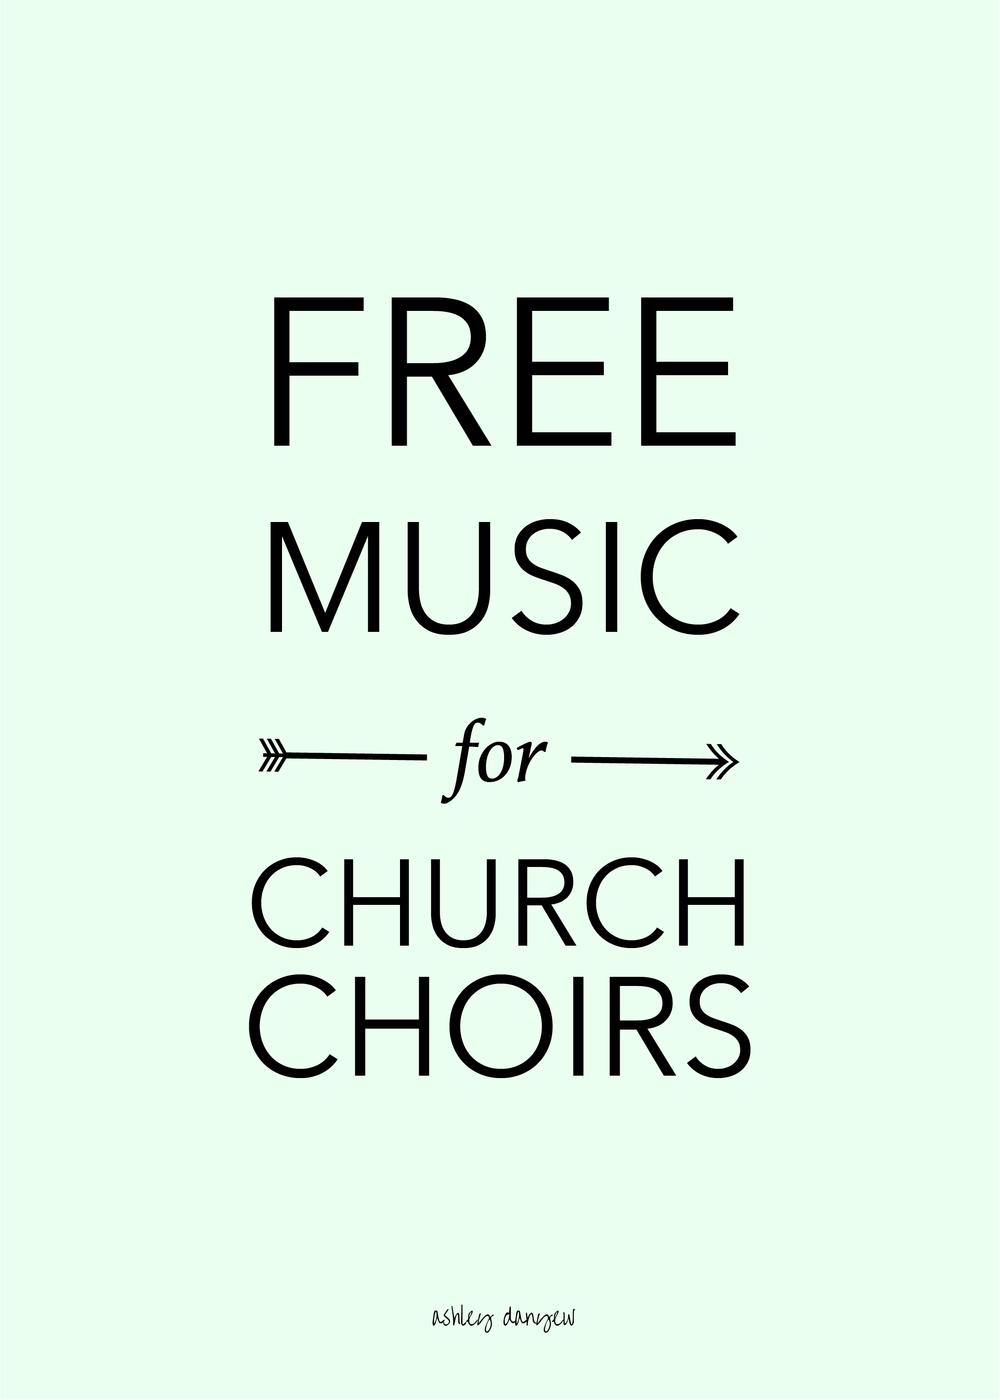 Free Music for Church Choirs